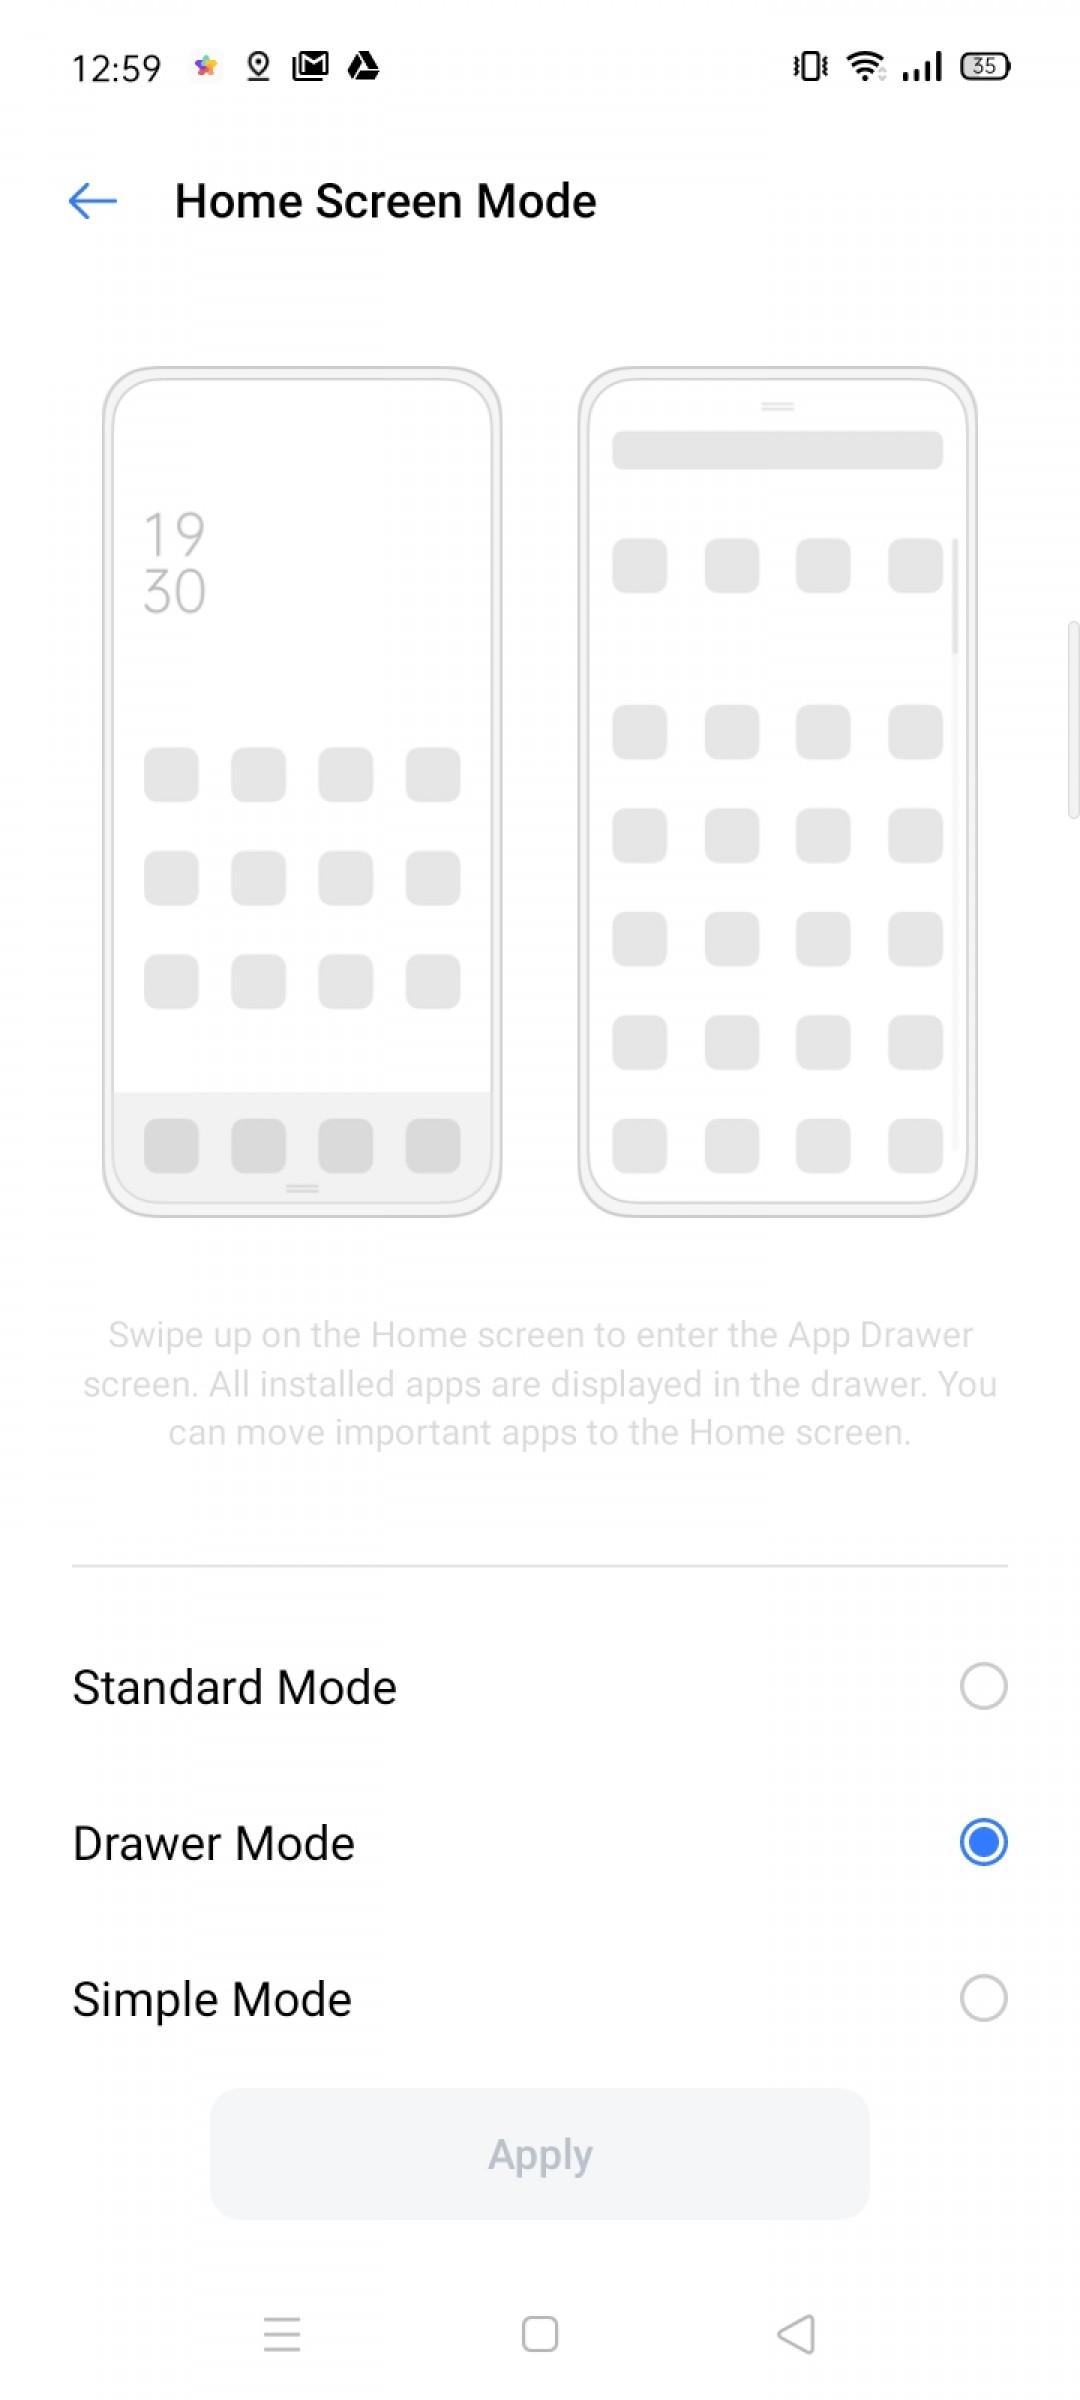 روکیدا | بررسی کامل و تخصصی گوشی Realme 6i: ارزان ولی پر ادعا | نقد و بررسی گوشی موبایل